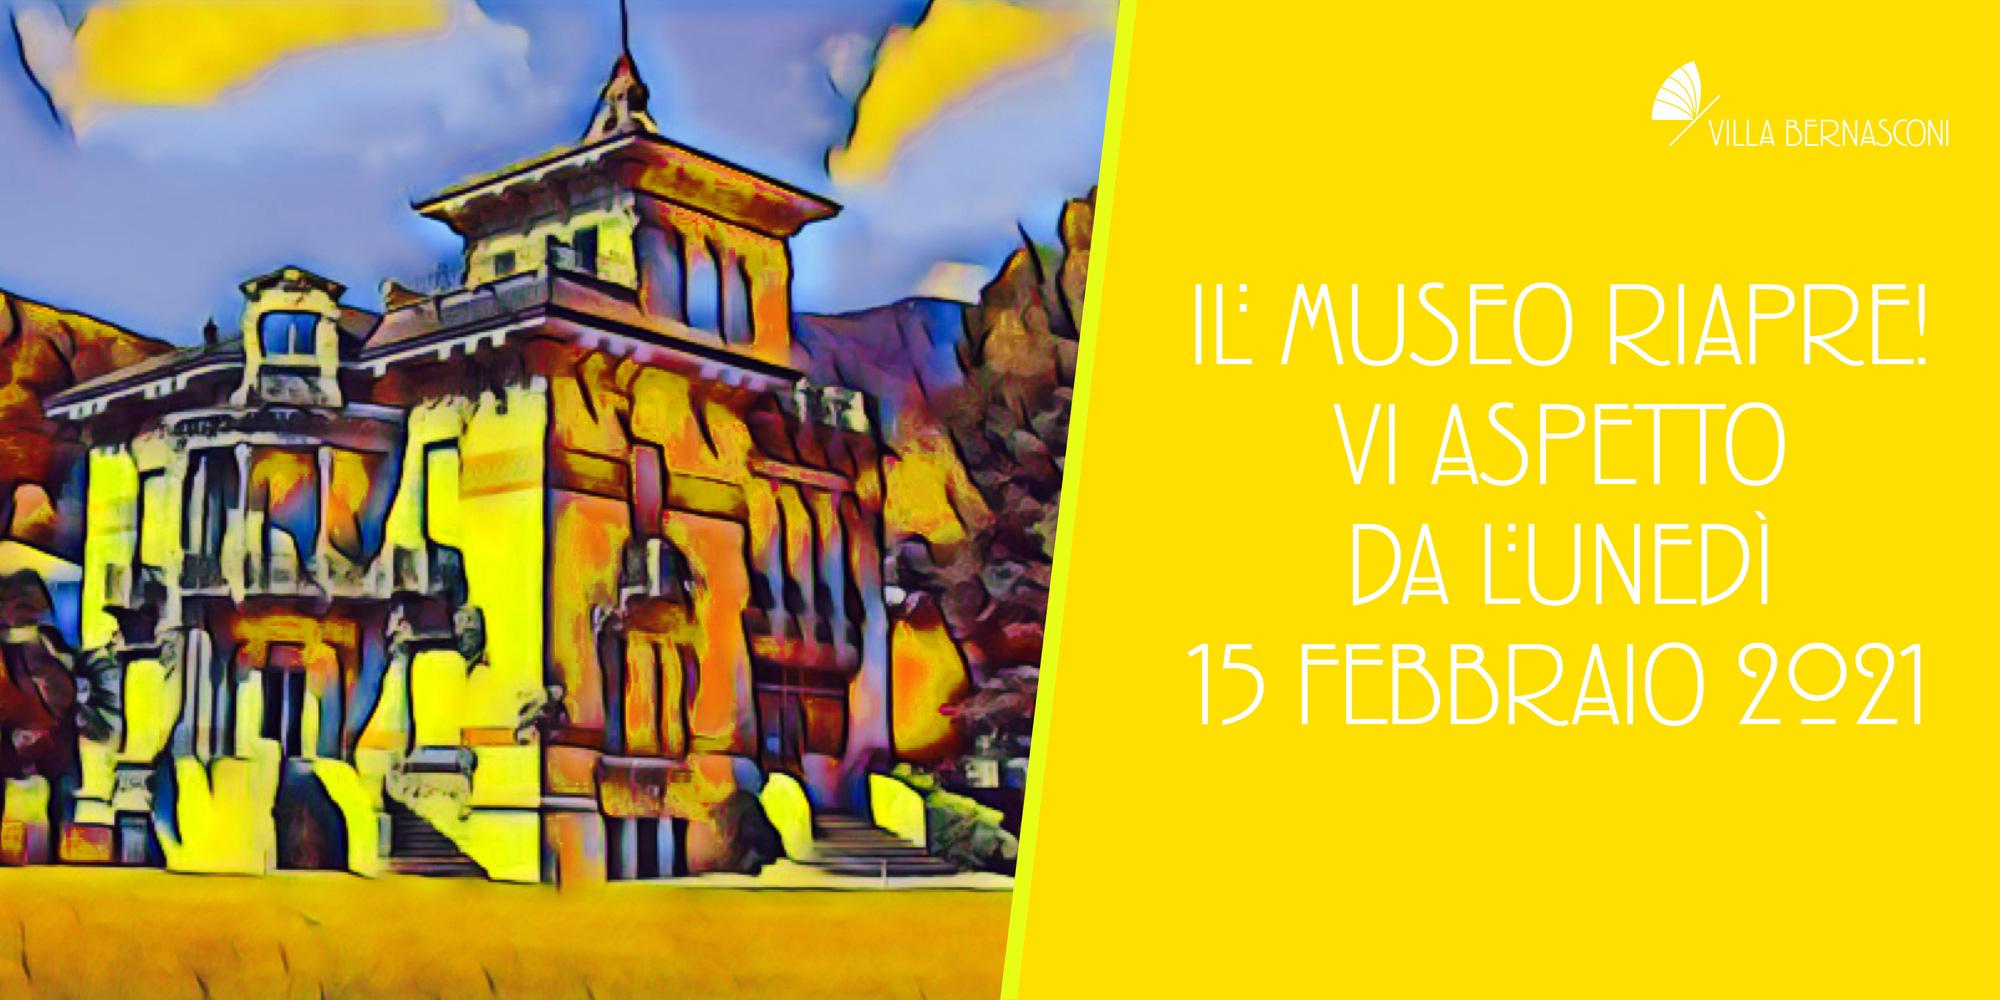 15 FEBBRAIO 2021 -RIAPRE IL MUSEO